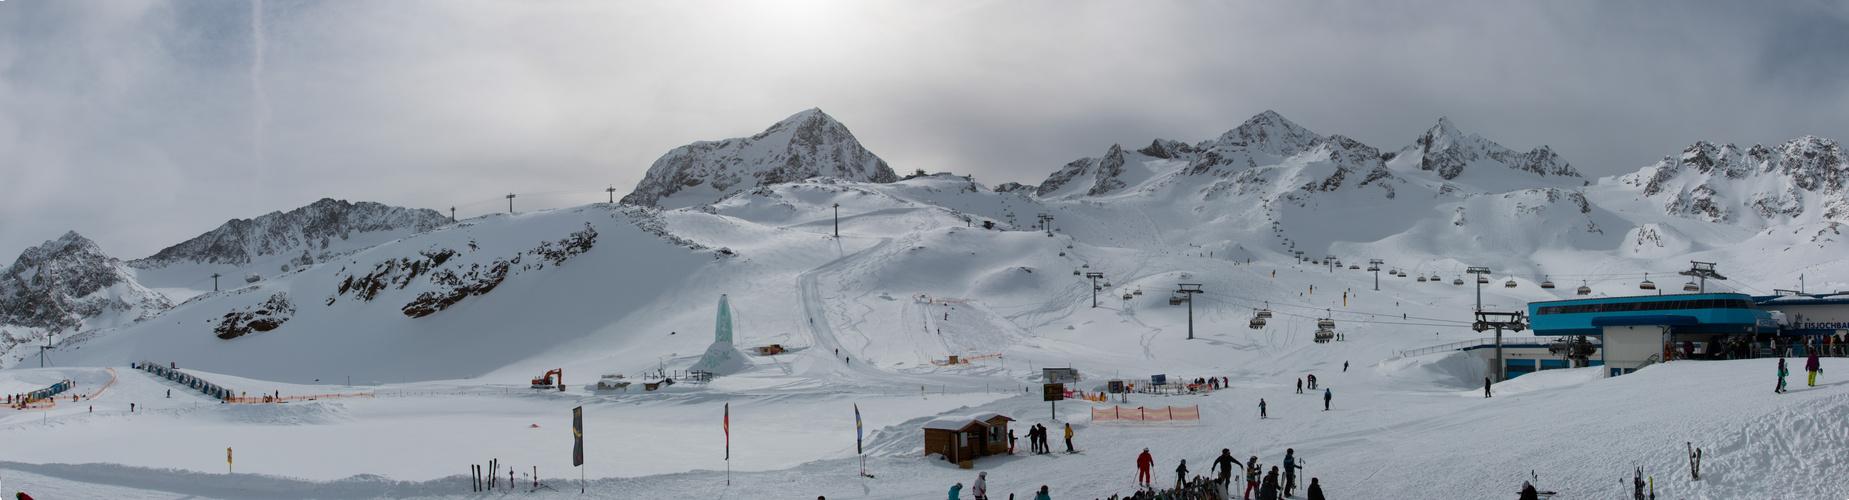 Auf dem Stuabier Gletscher 01